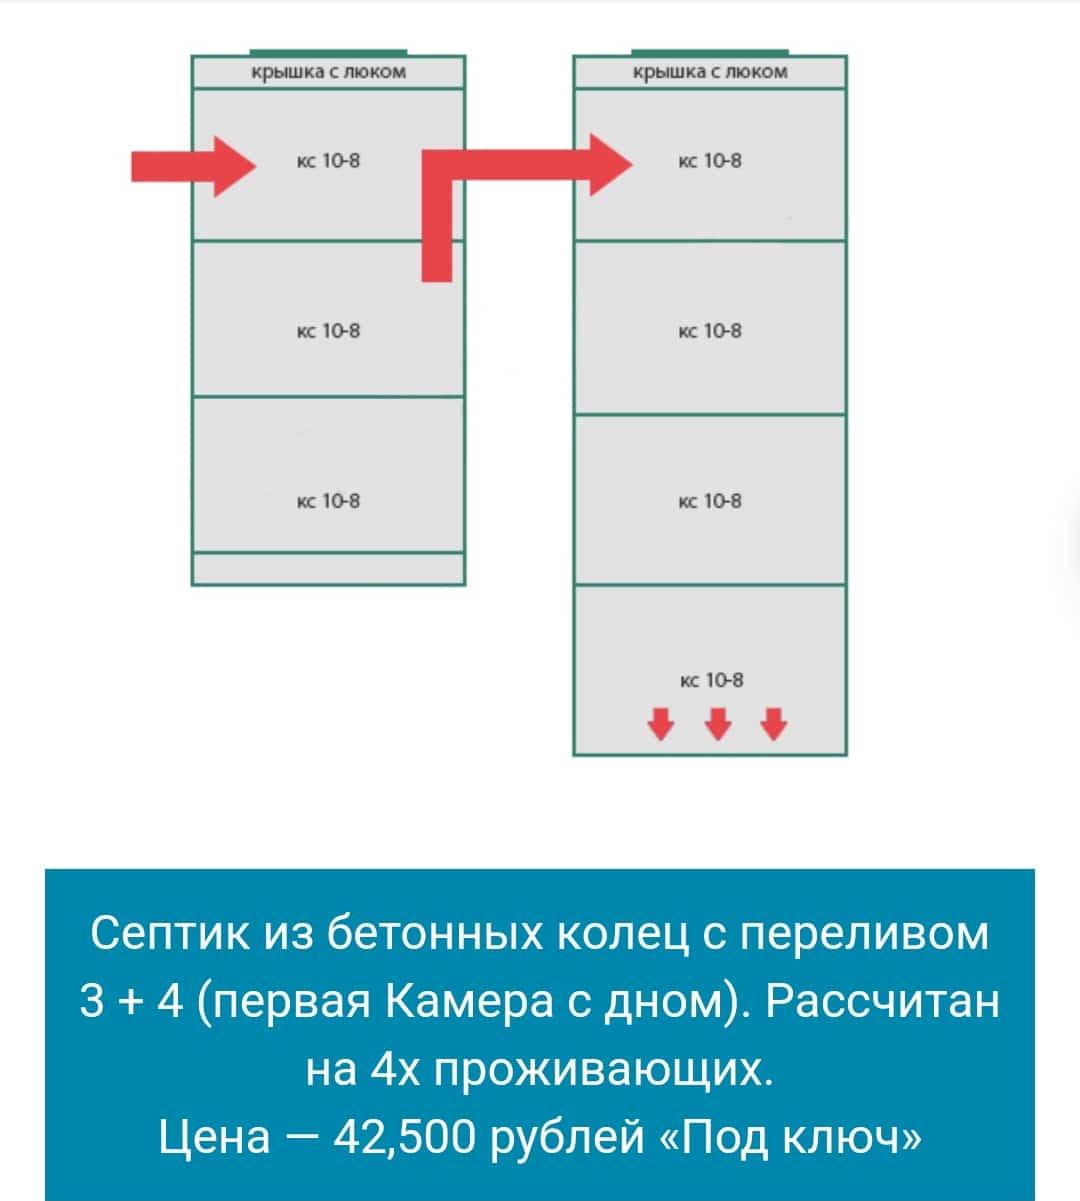 Септик из колец в Пушкино и Пушкинском районе